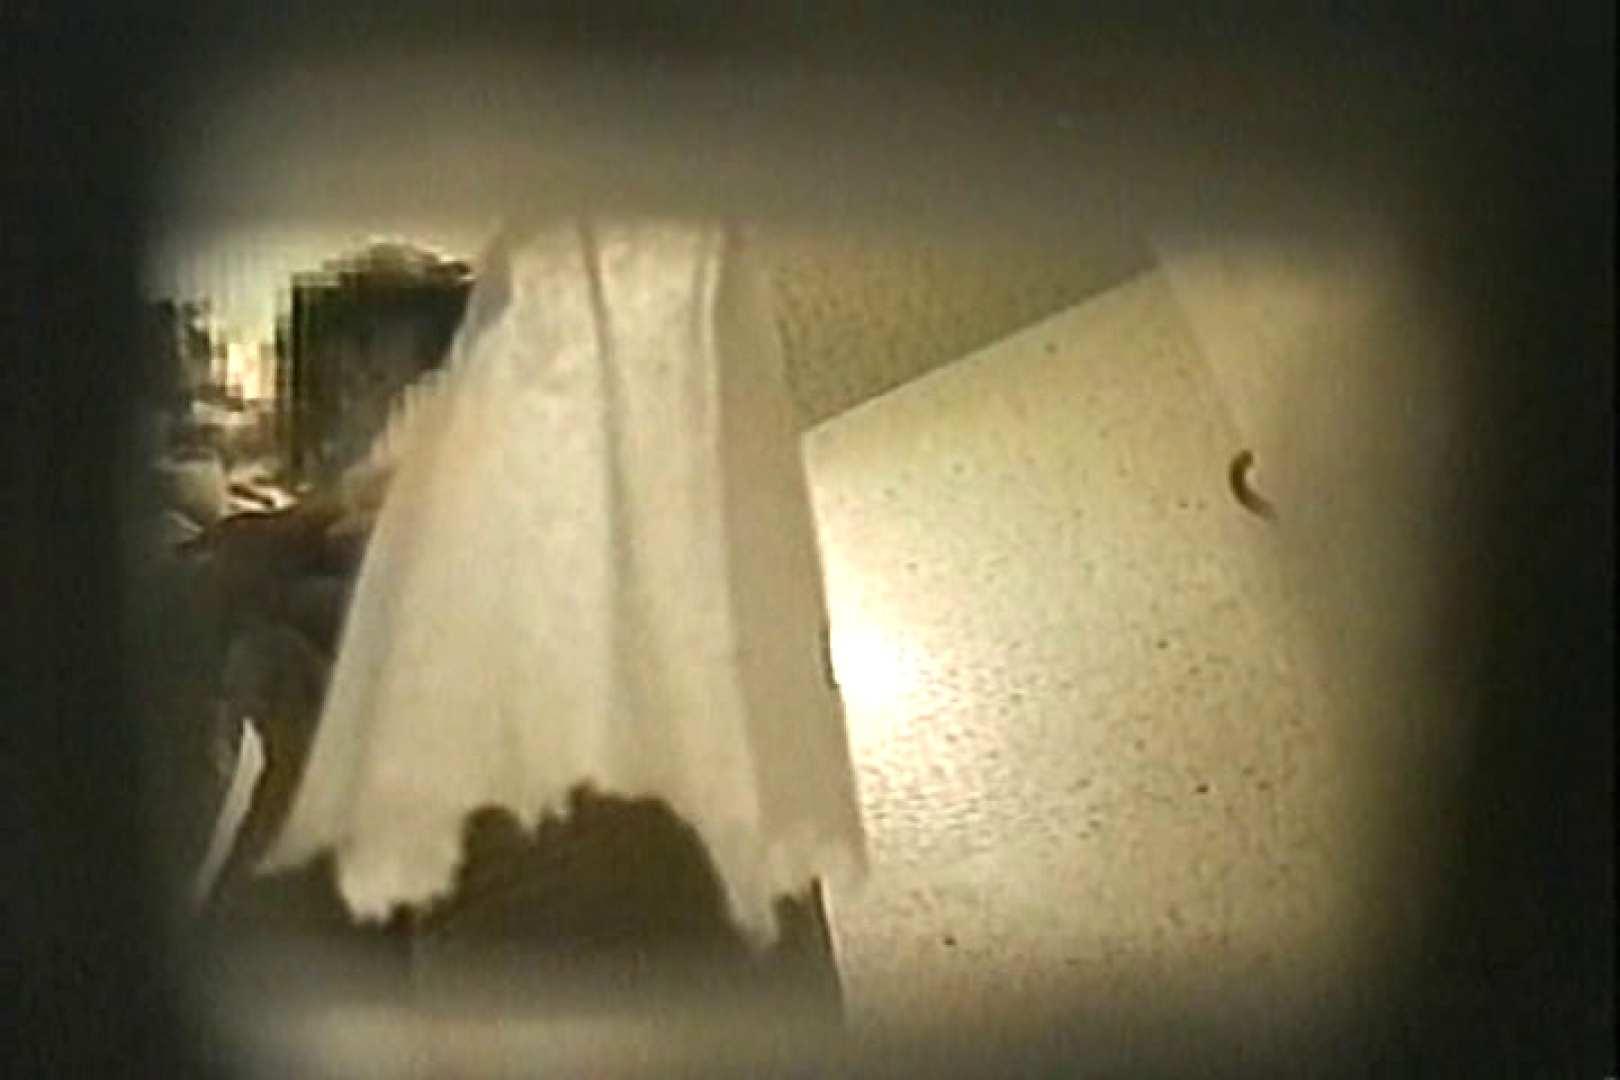 女子洗面所盗撮 今度の2カメは若い子だらけ  TK-127 マルチアングル 盗み撮り動画キャプチャ 62pic 24